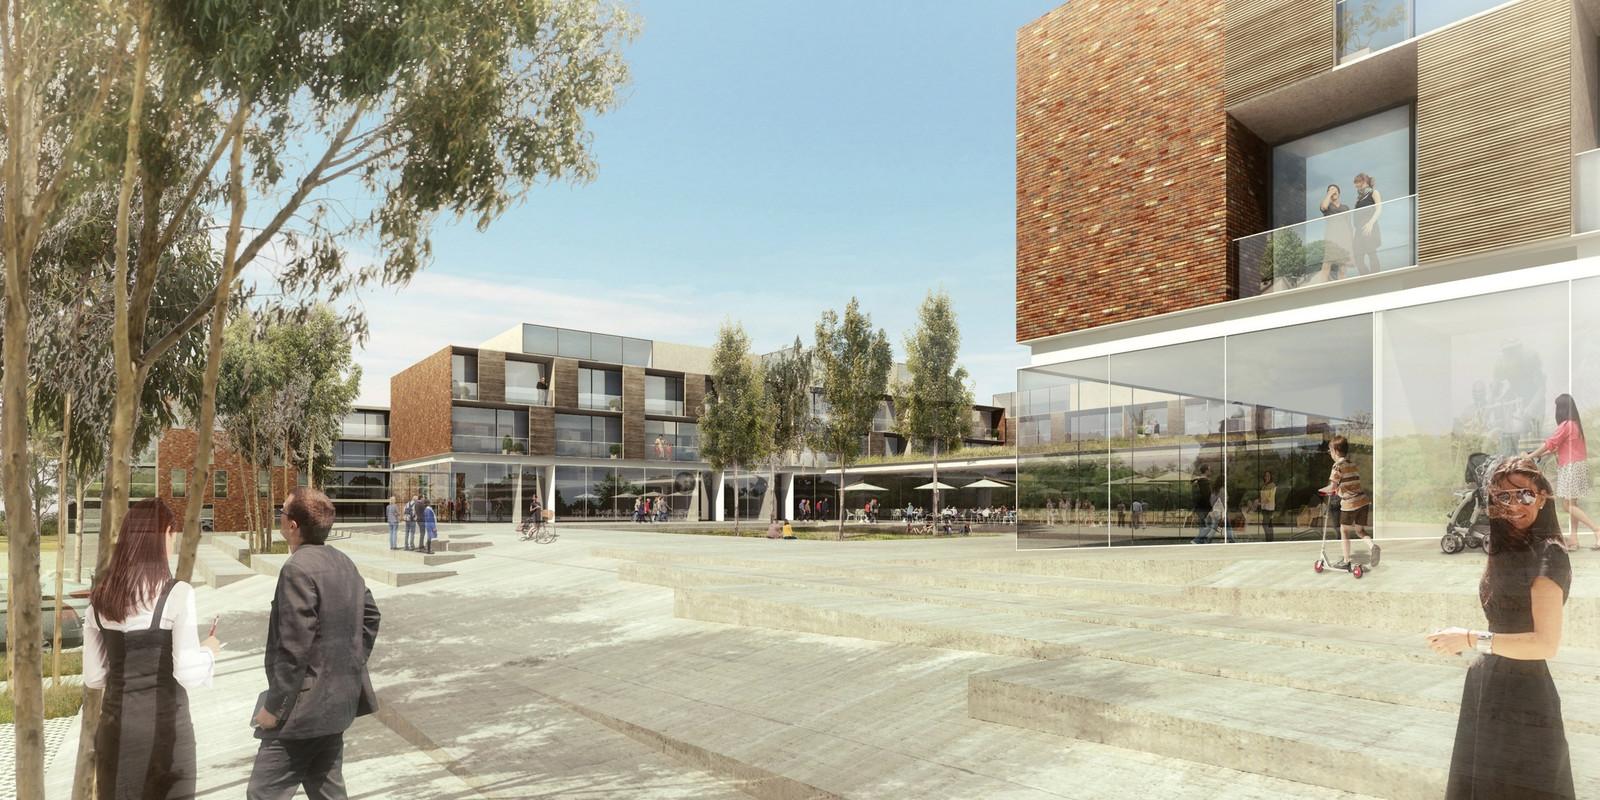 Het woonproject Leanderhof, op de oude Bekaertsite in het centrum van Zwevegem, krijgt een kinderopvang.   Simulatiebeelden van in 2015, hoe het Leanderhof er zal uit zien. Binnenkort komen er nieuwe simulatiebeelden